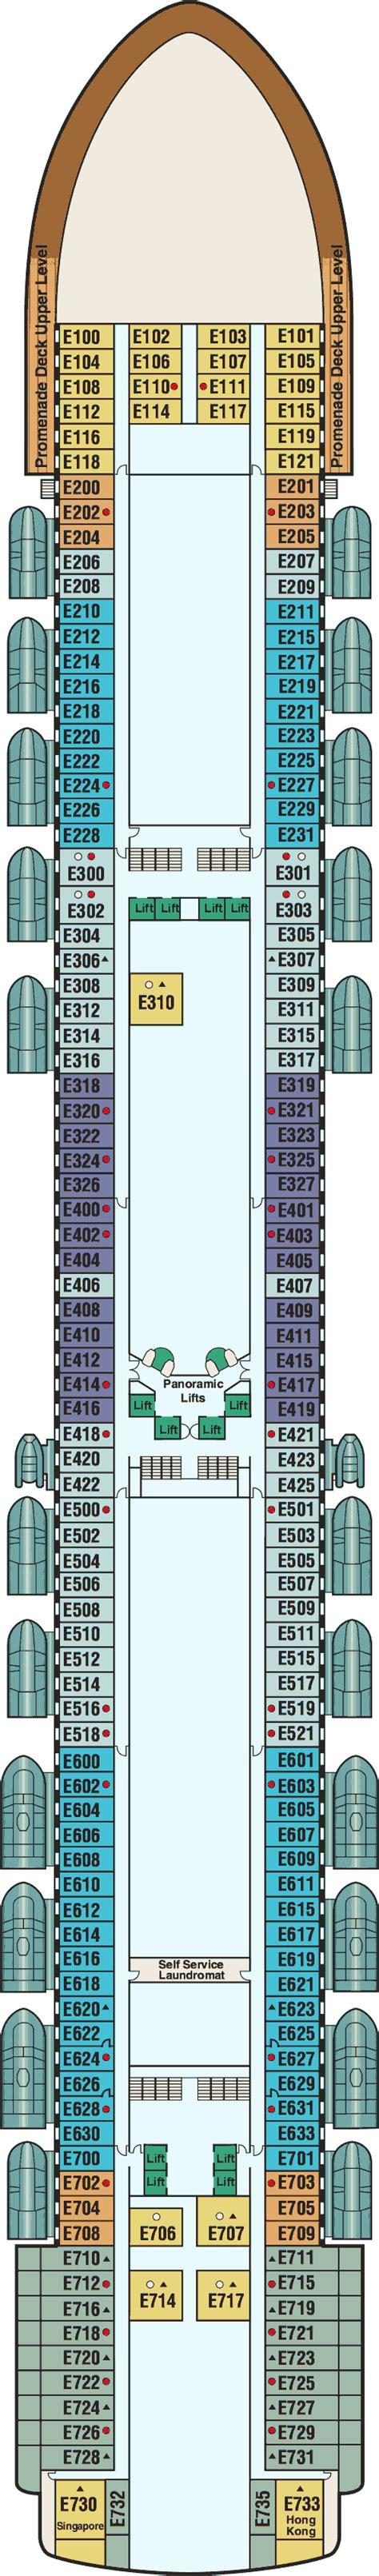 Princess Deck Plans Ships by Princess Deck Plans